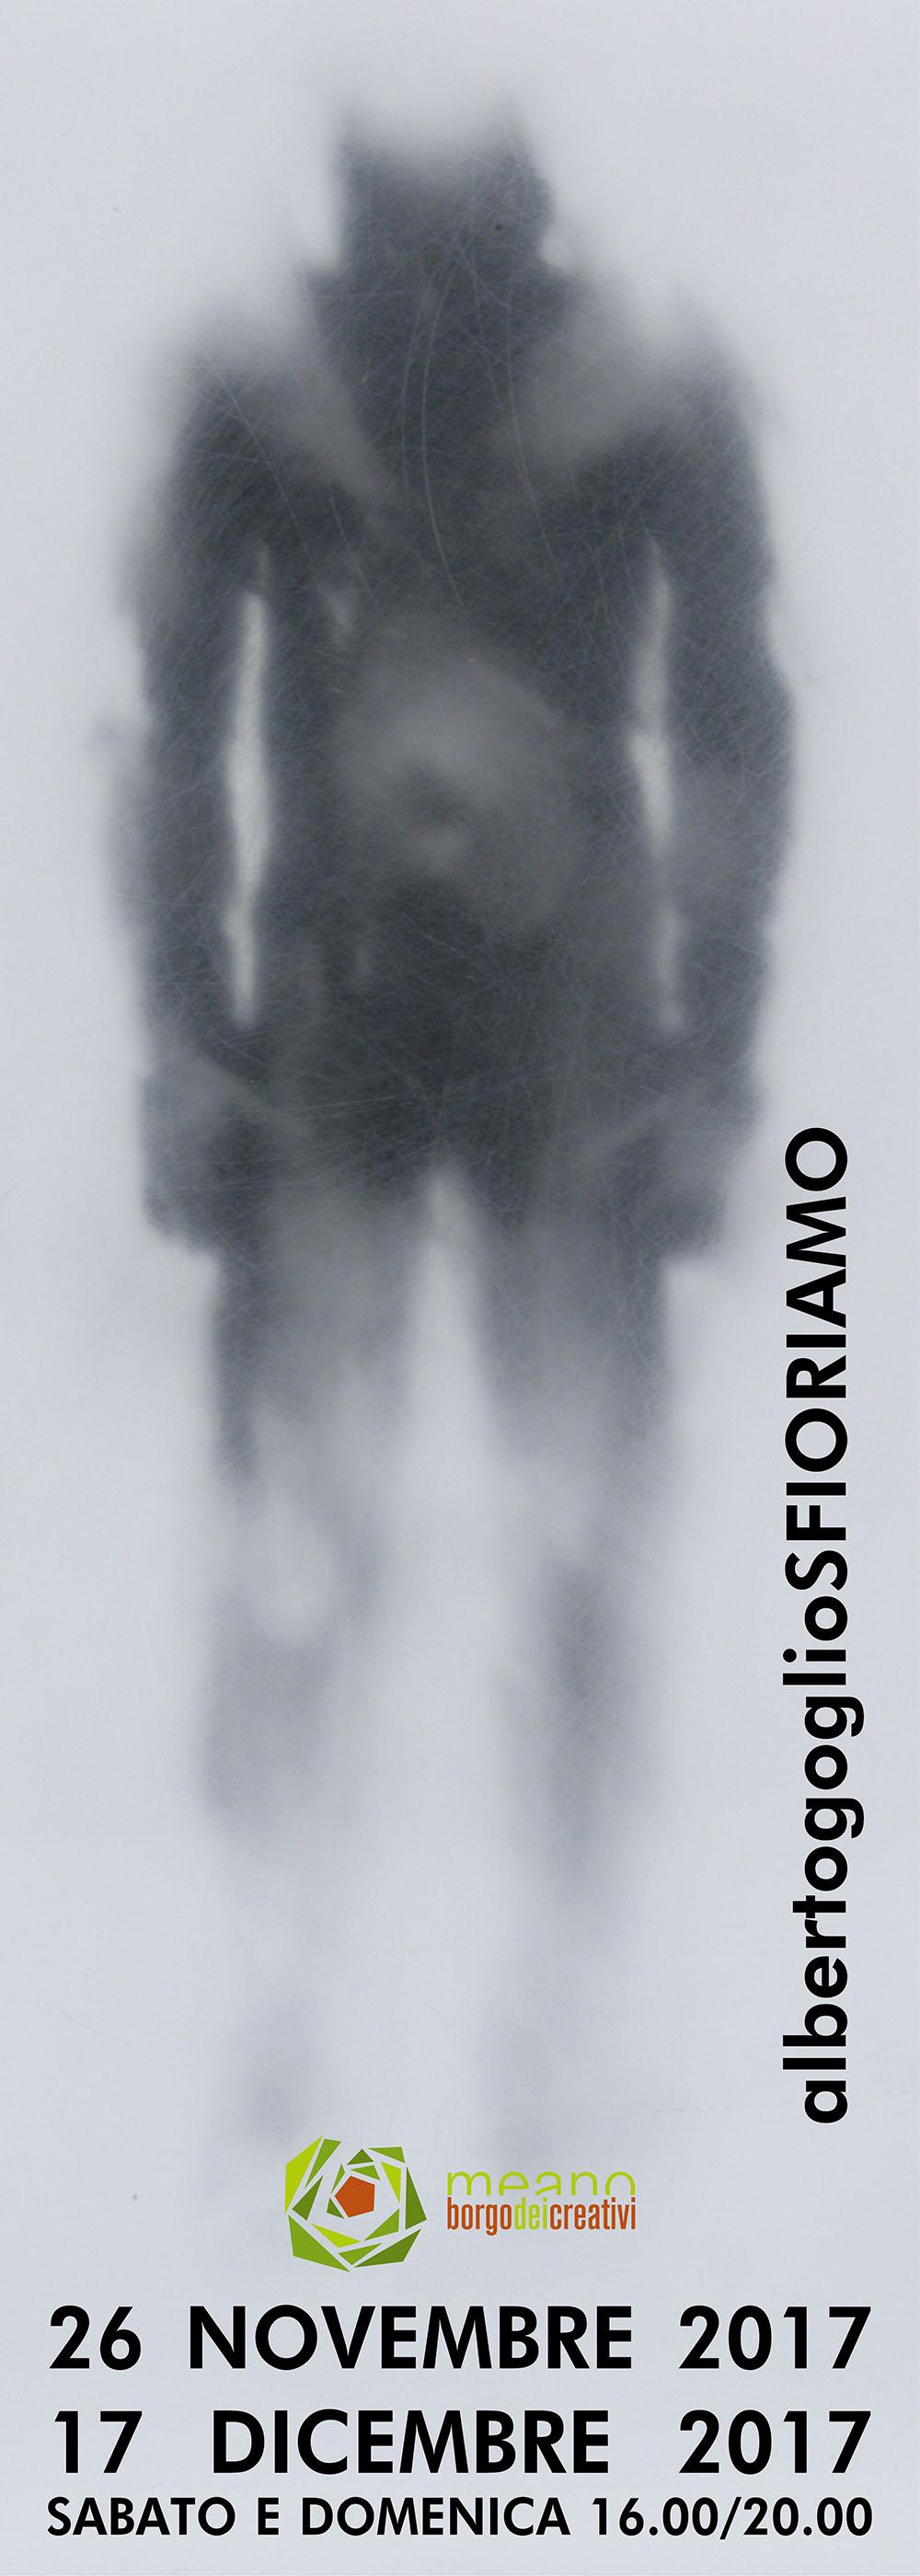 Meano - Asilo dei Creativi - Banner - 02 - Goglio +chiaro - 2